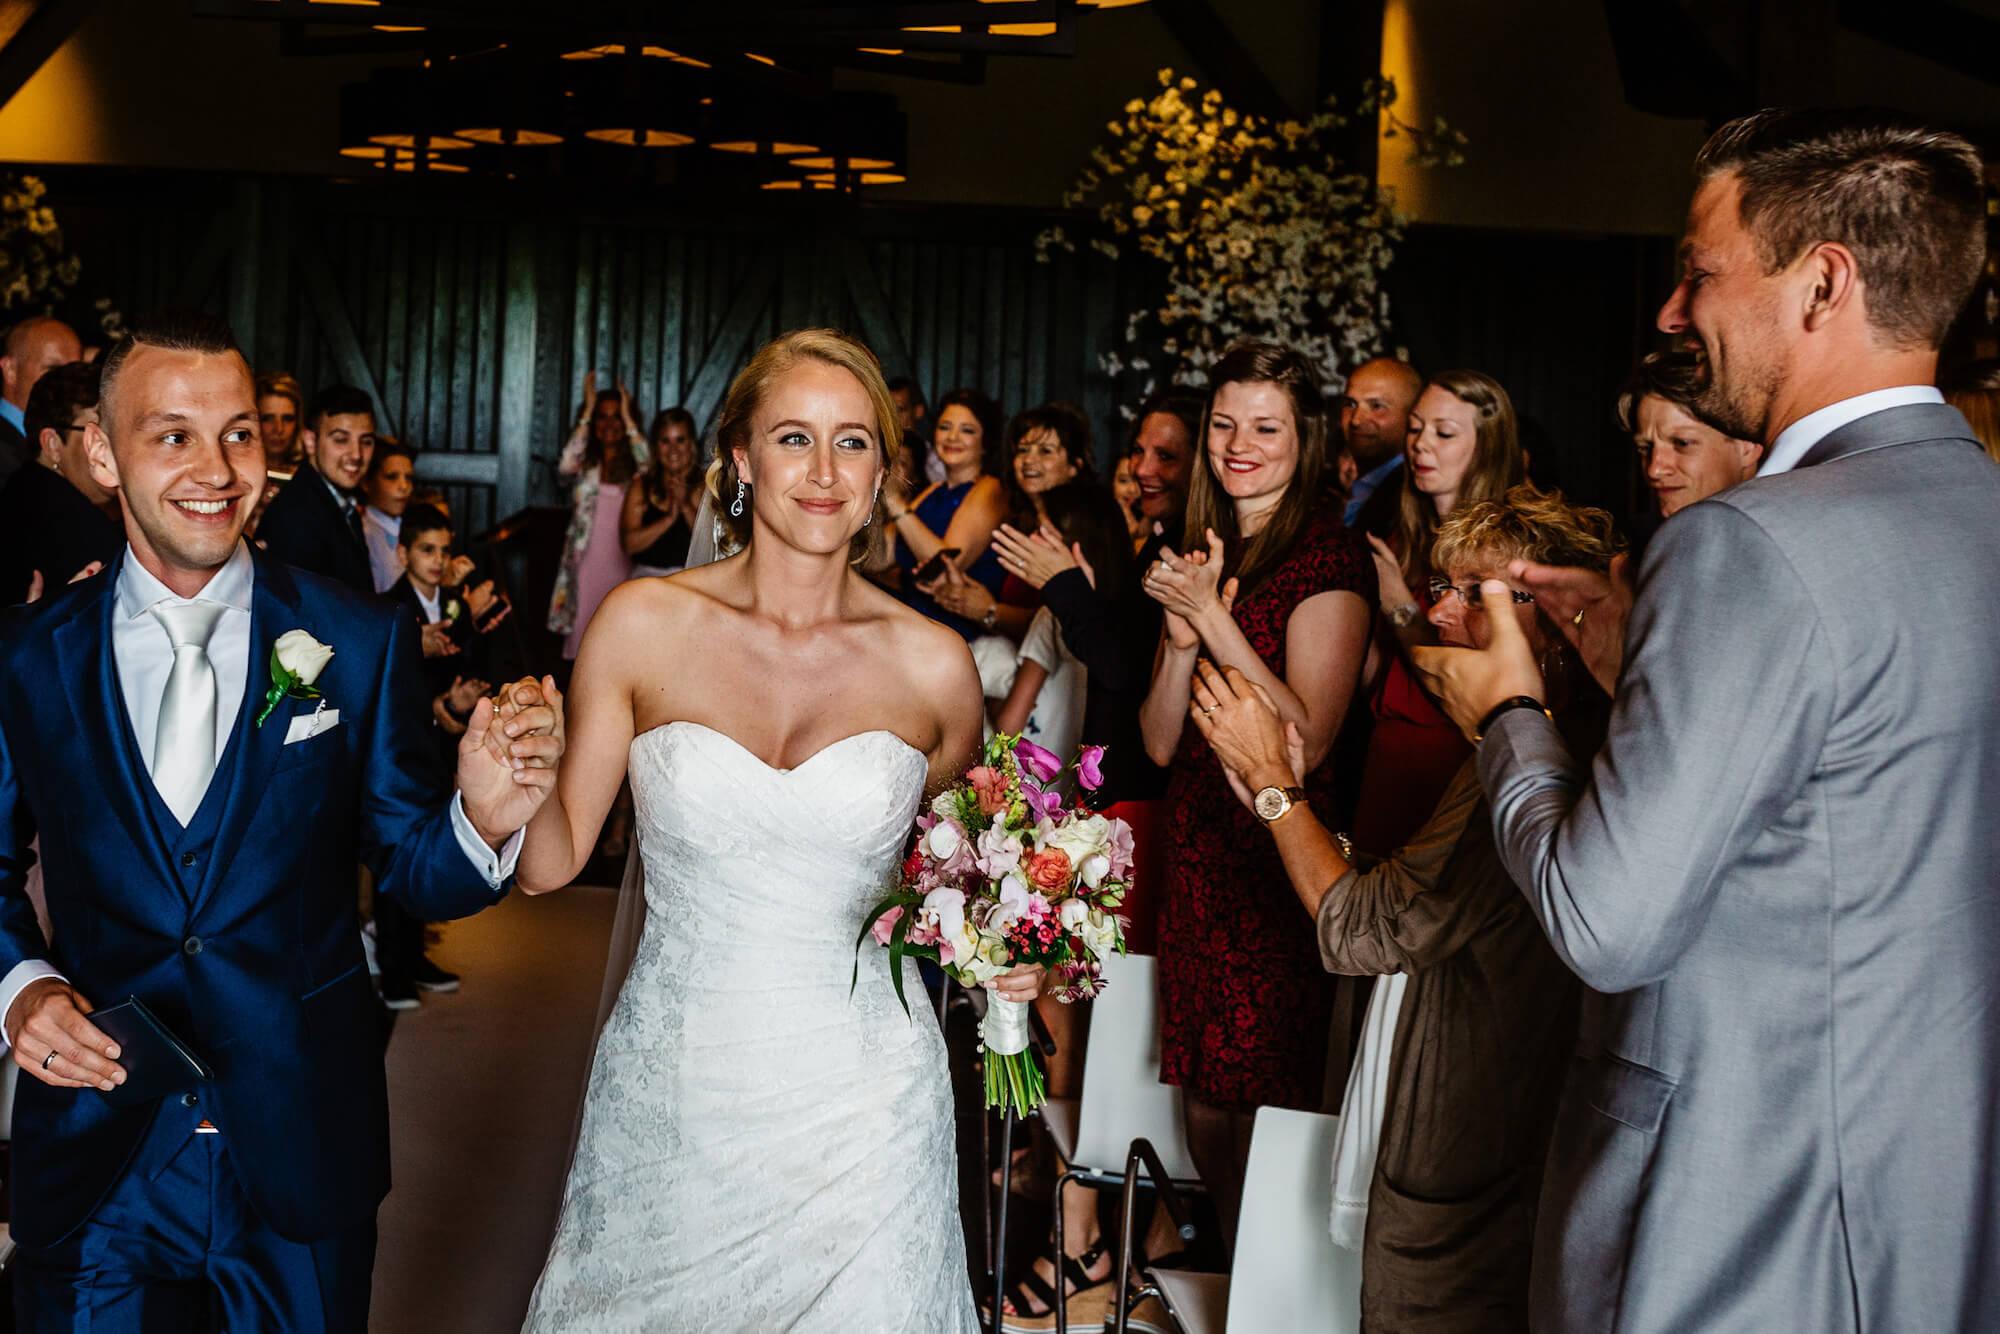 griekse-bruiloft-trouwfotograaf-utrecht-19.jpg